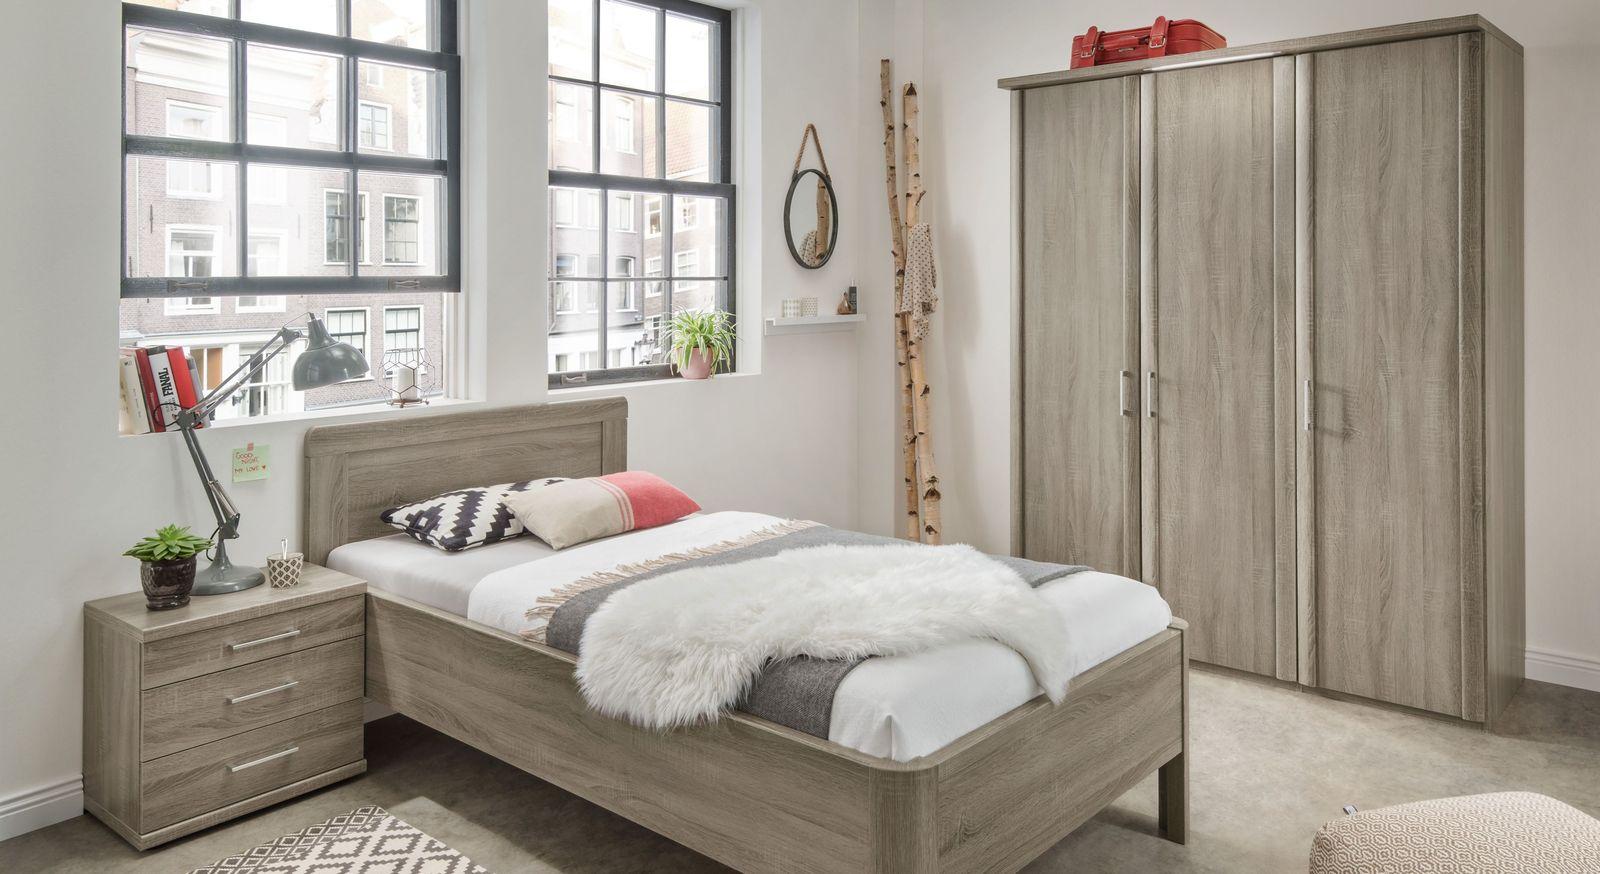 Full Size of Komplettes Schlafzimmer Komplett Einrichten Und Gestalten Bei Bettende Deckenleuchte Modern Klimagerät Für Schränke Wandleuchte Weiss Weißes Kommoden Schlafzimmer Komplettes Schlafzimmer